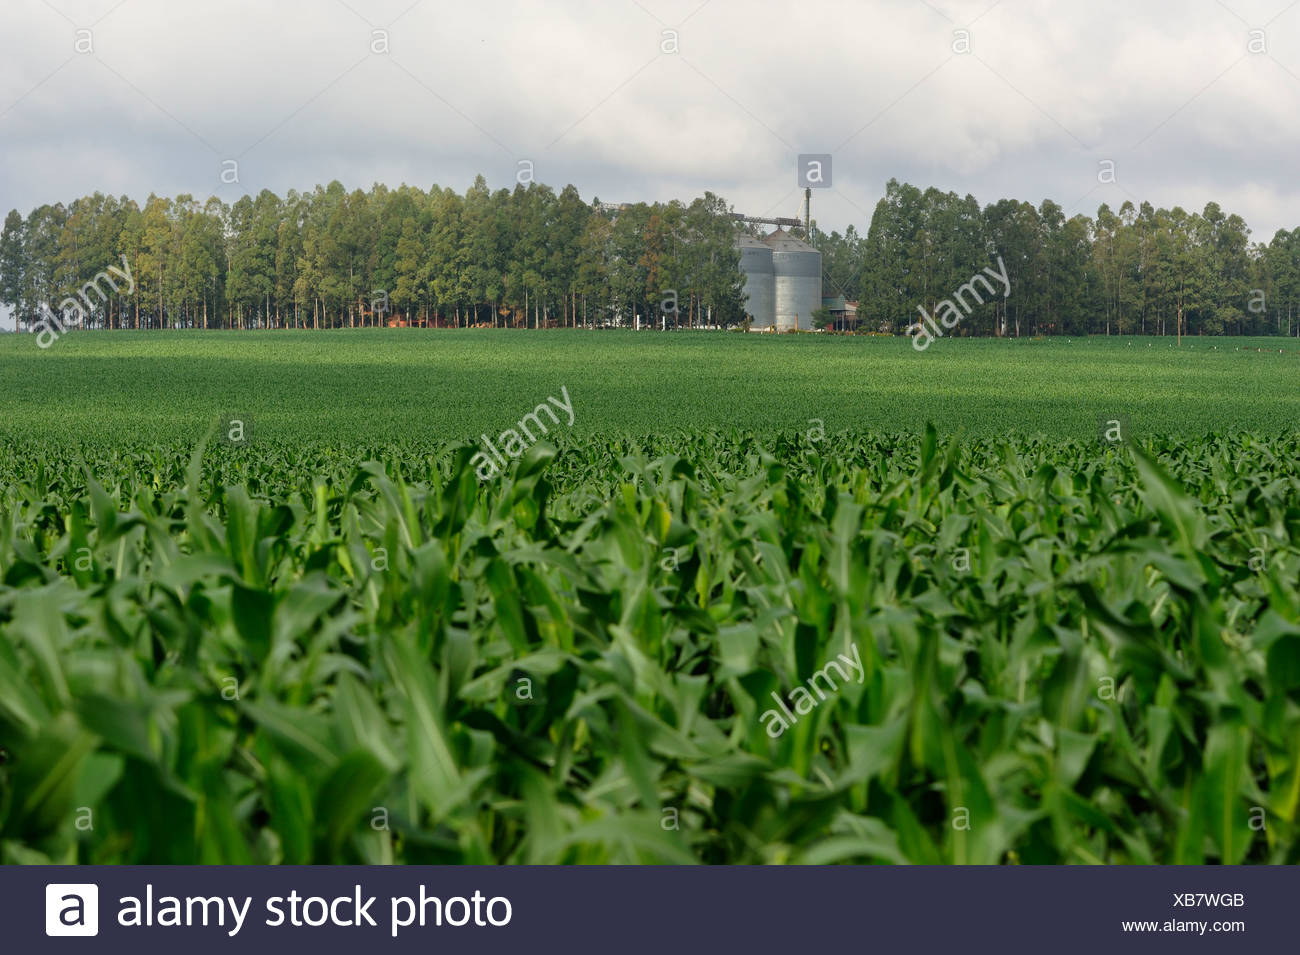 Champ de maïs, le maïs génétiquement modifié et d'un silo, Alto Parana, au Paraguay, en Amérique du Sud Photo Stock